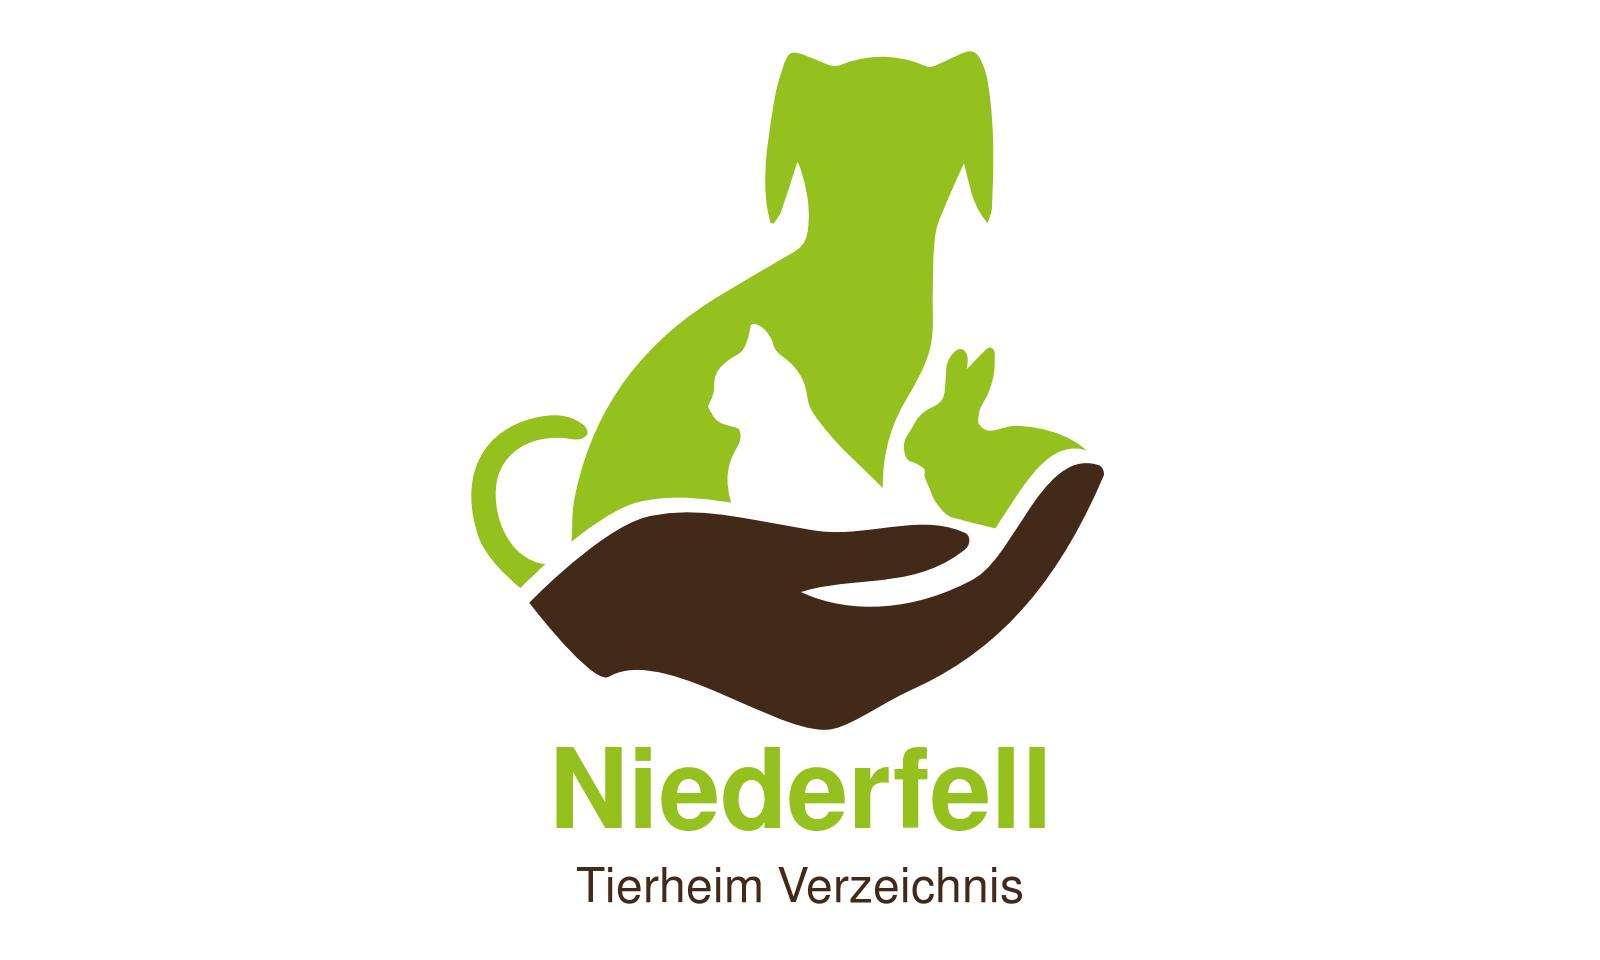 Tierheim Niederfell